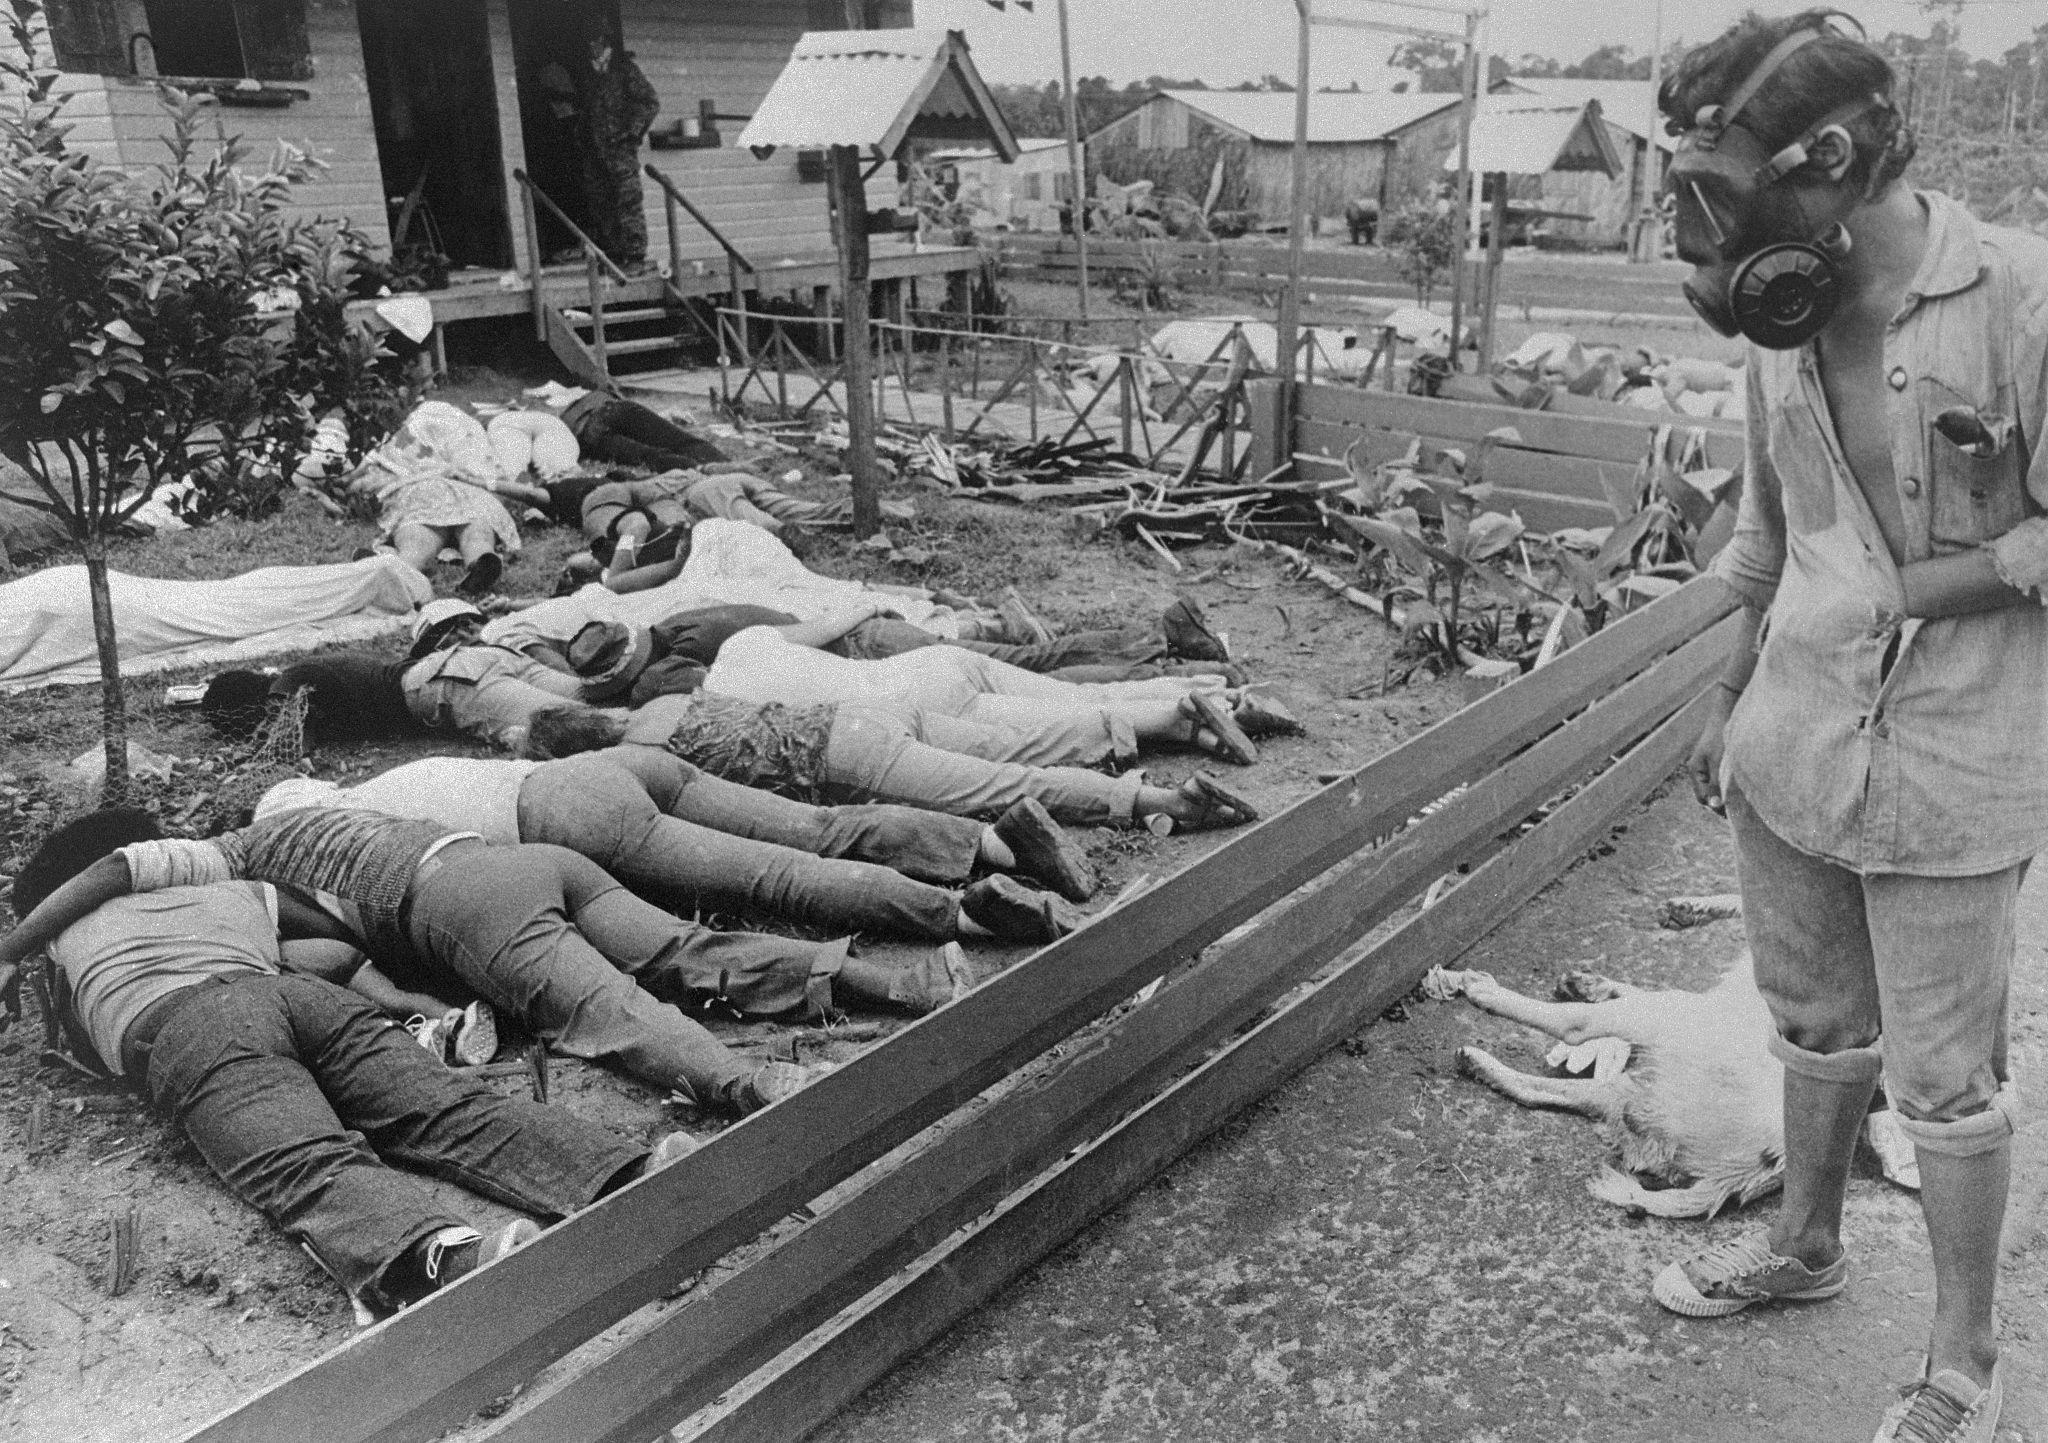 Один из членов группы, отправленный в Джонстаун правительством Гайаны, осматривает некоторые из сотен тел последователей Народного храма, которые пог…